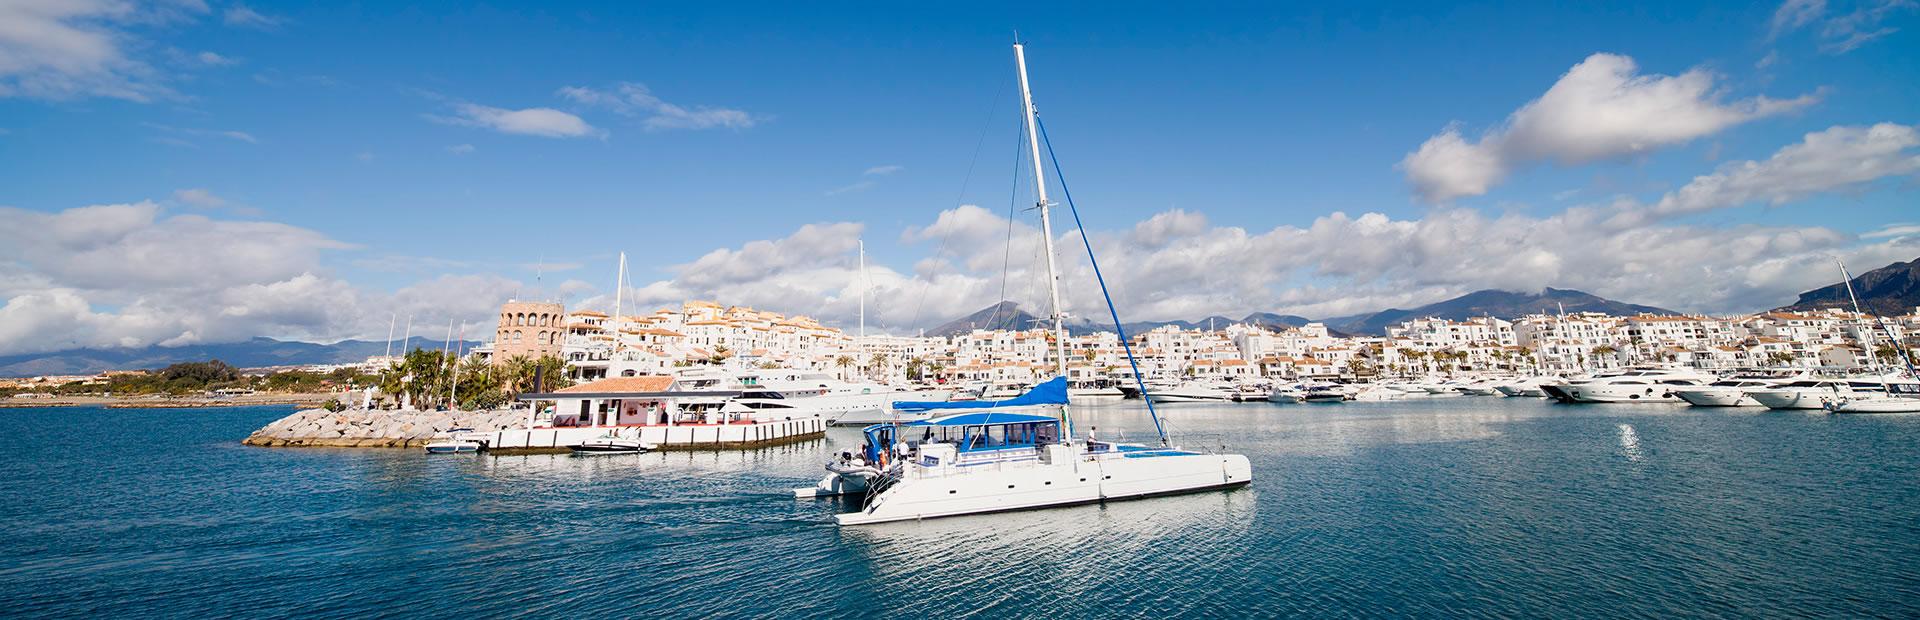 Turismo en Marbella